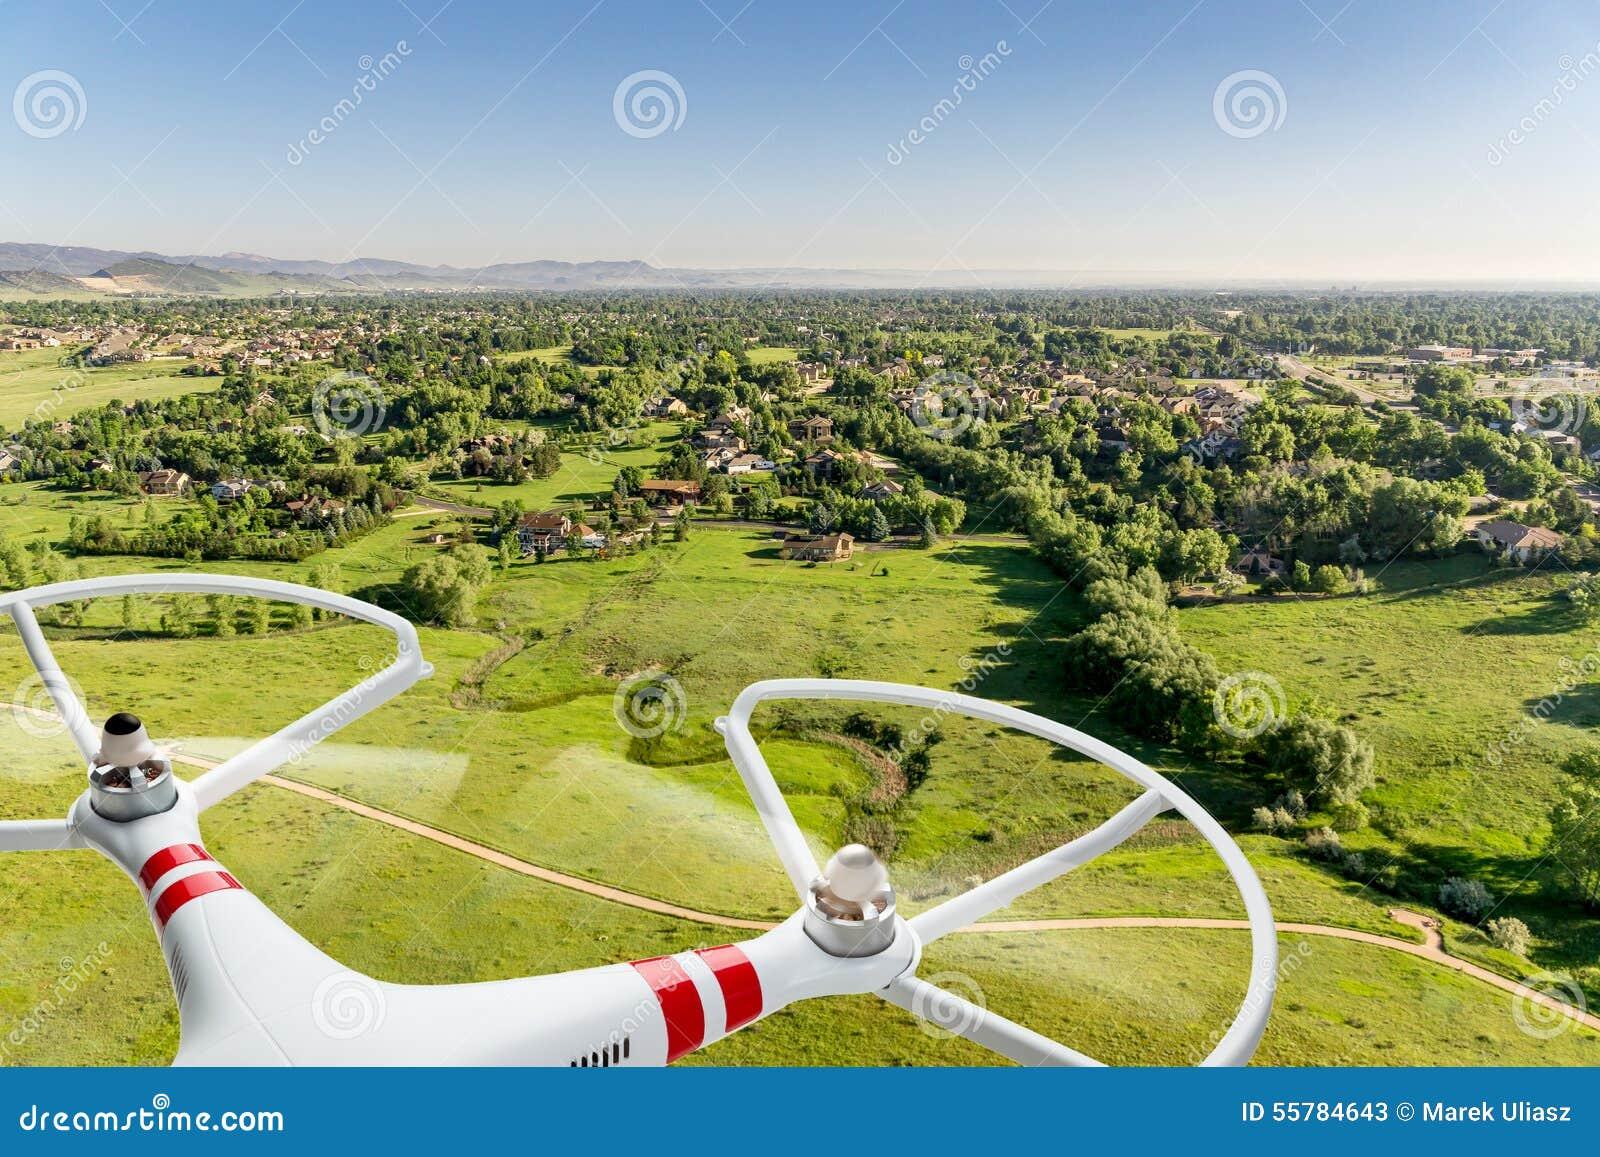 dronex pro drone